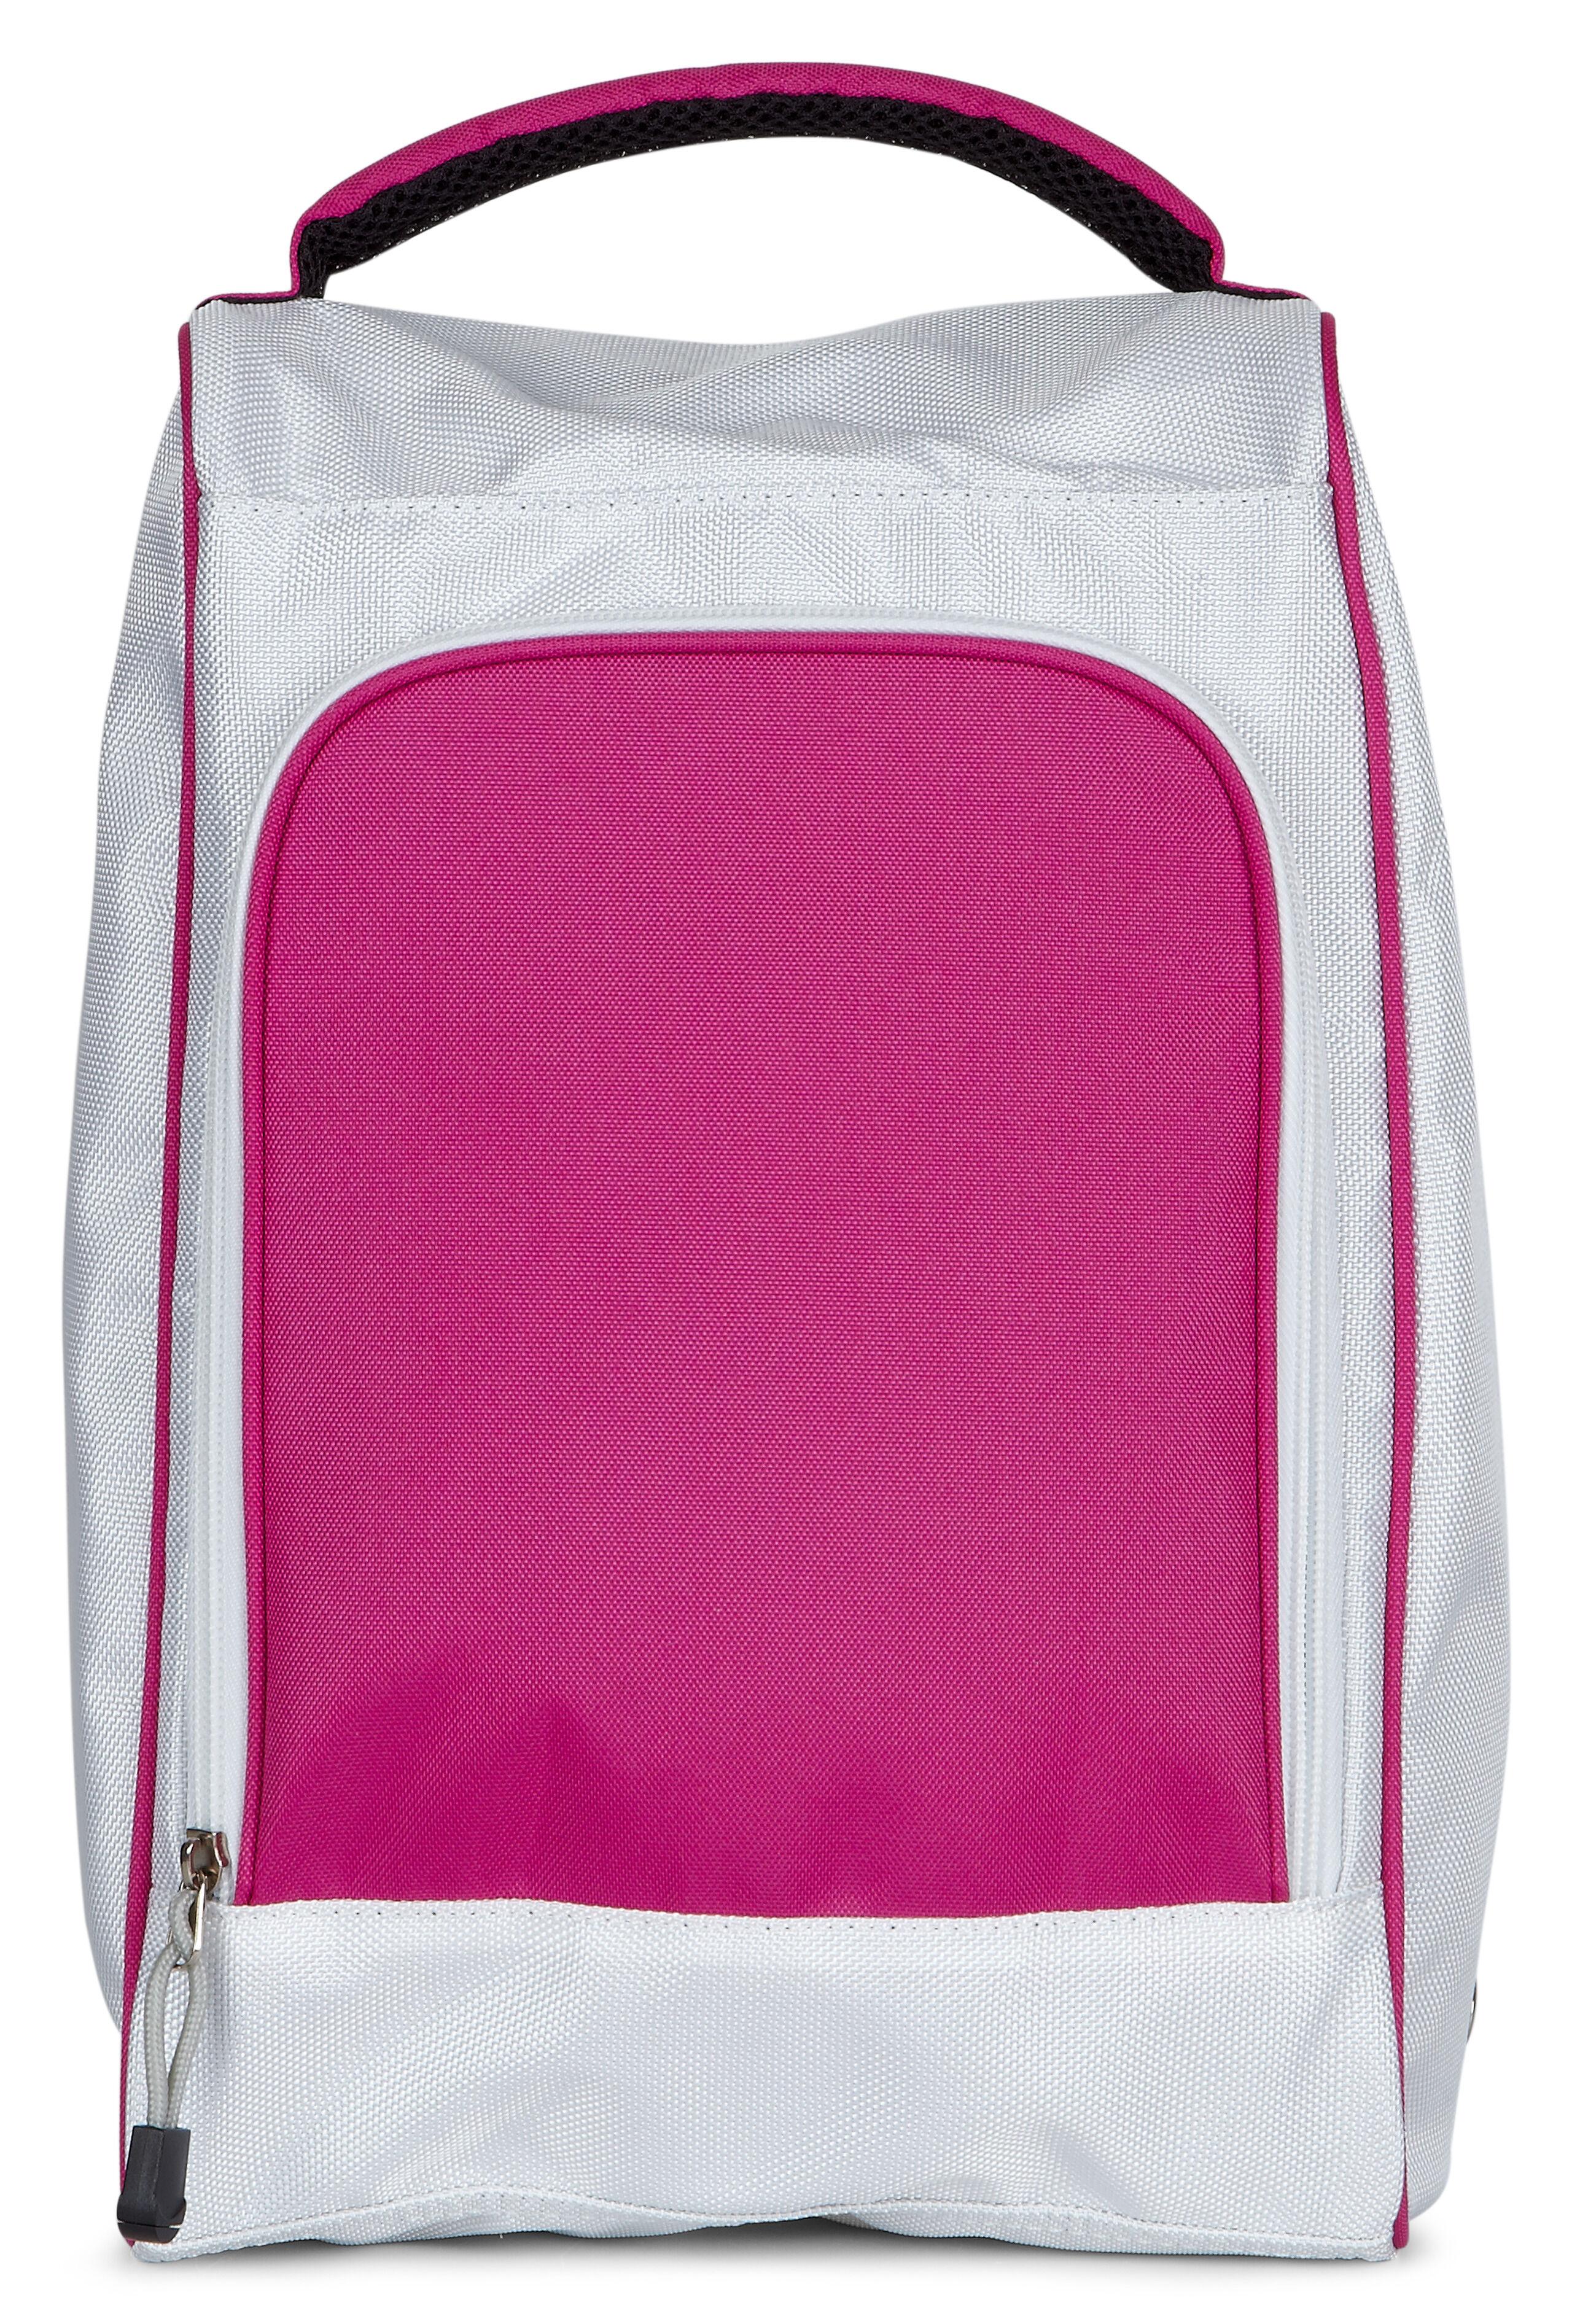 319d71fb2c73 ecco golf shoe bag for sale   OFF36% Discounts